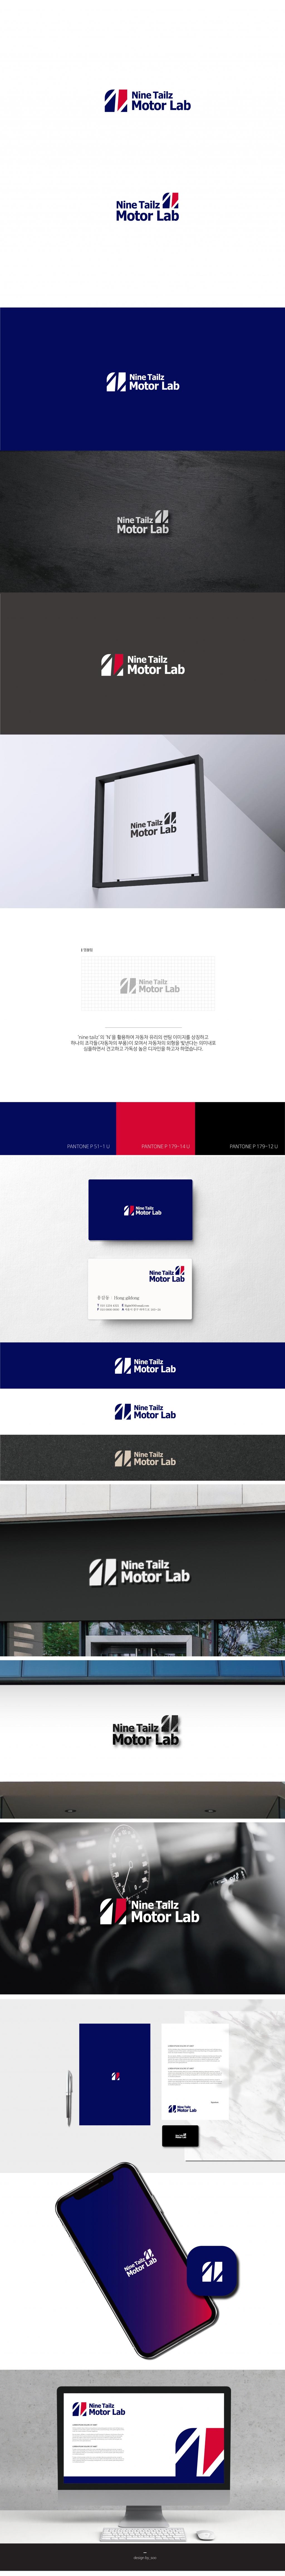 로고 디자인 | <마감일자 단축- 4/18 종료>자동차 외장관리 로고 | 라우드소싱 포트폴리오